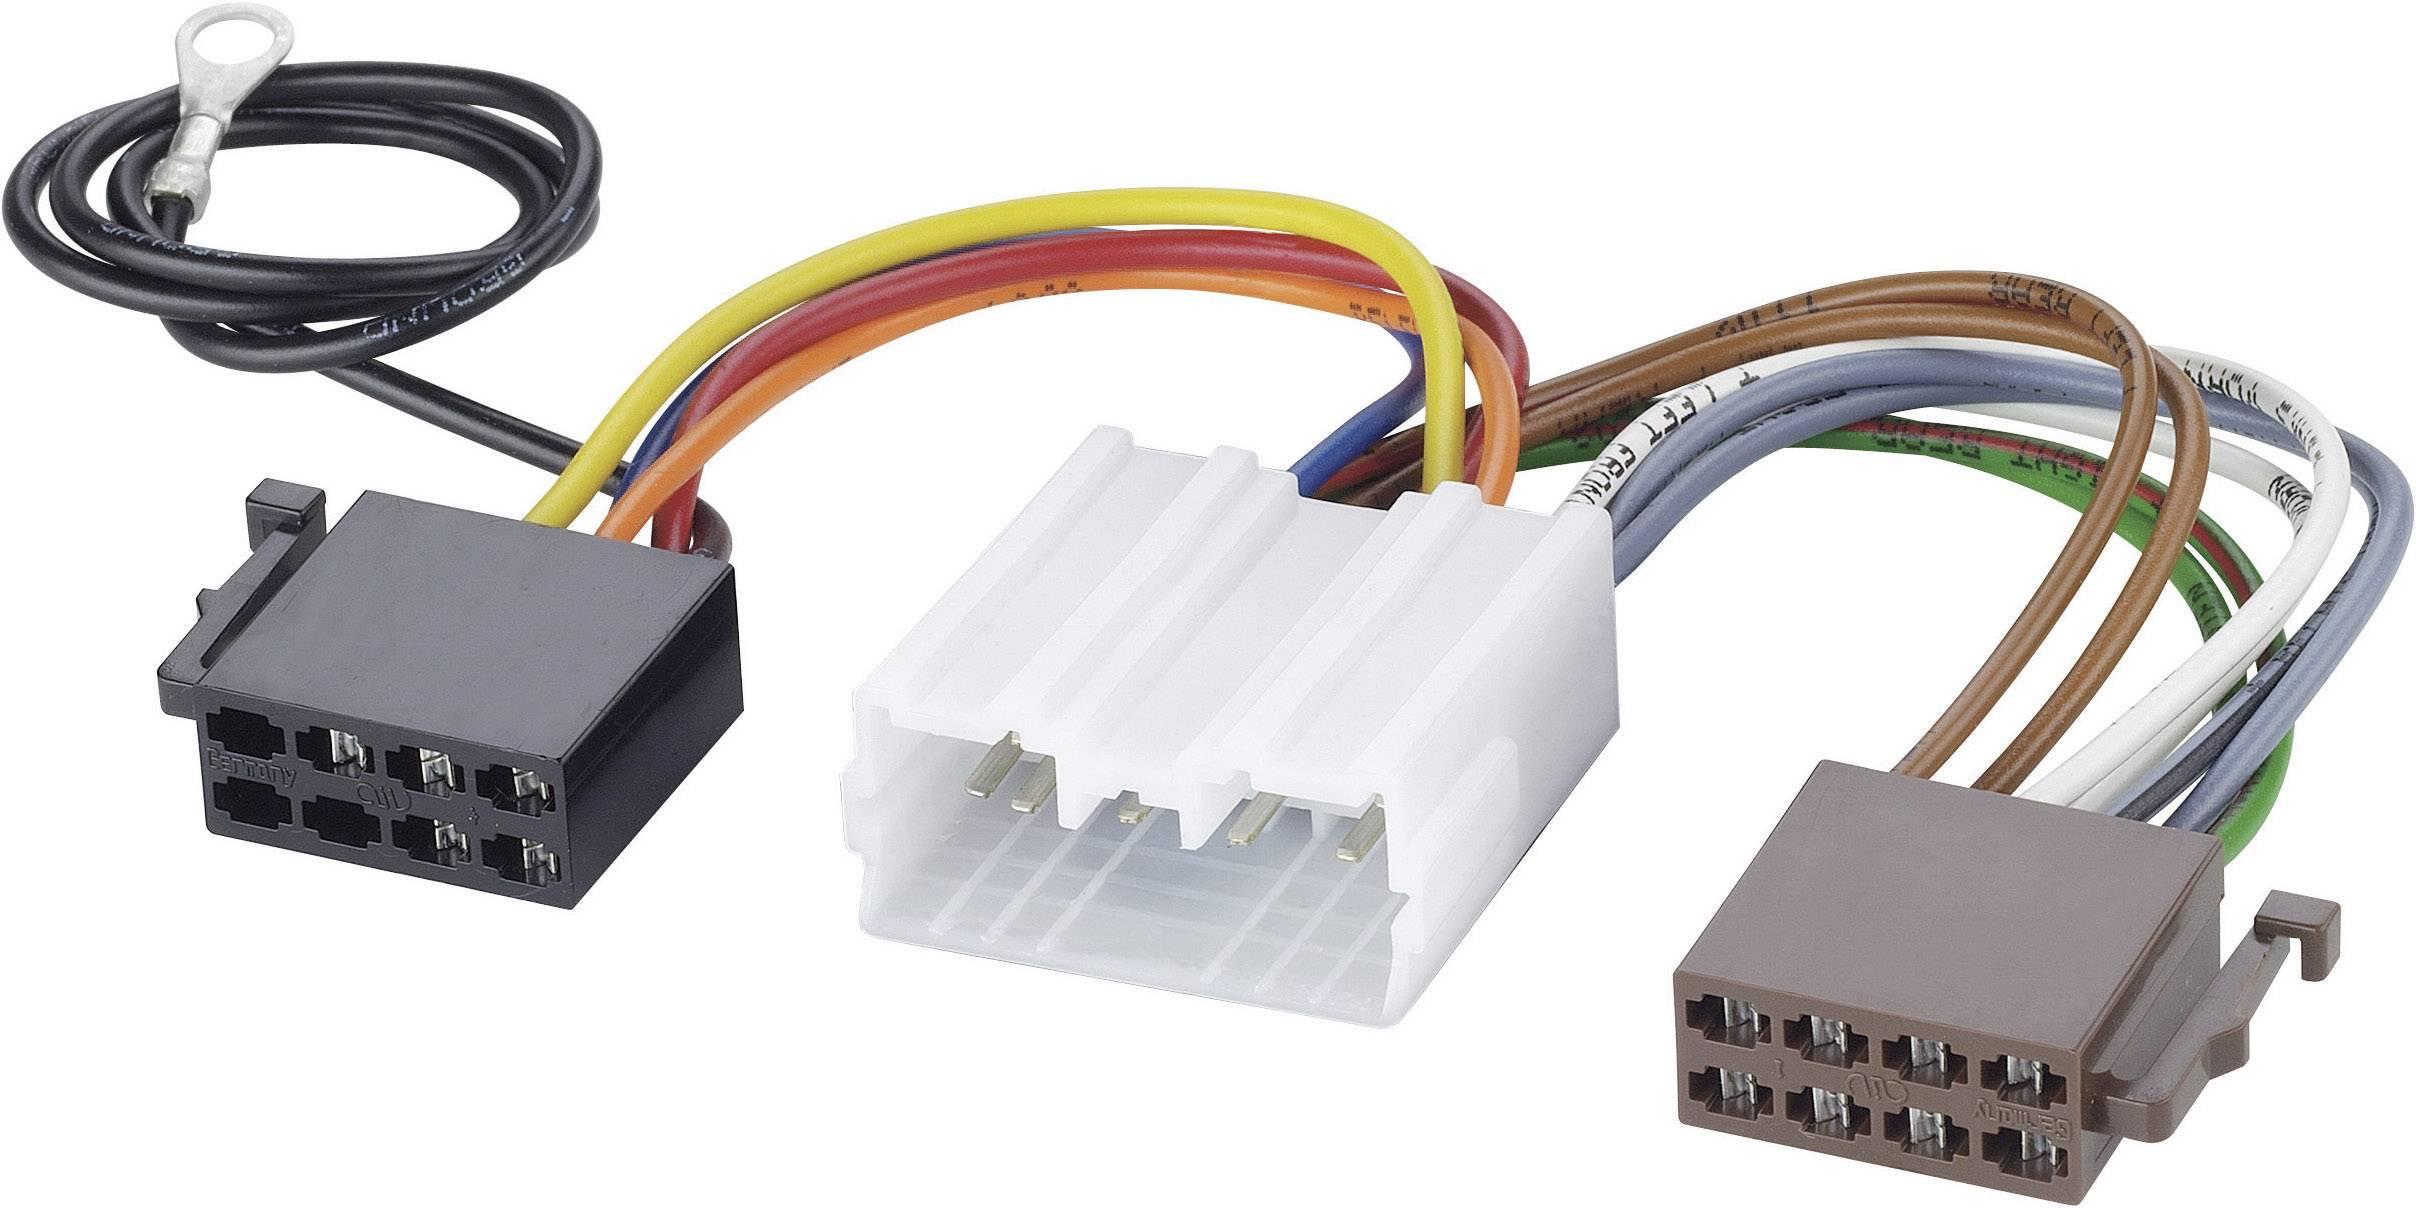 ISO adaptérový kábel pre autorádio AIV 41C975 vhodné pre autá Mitsubishi